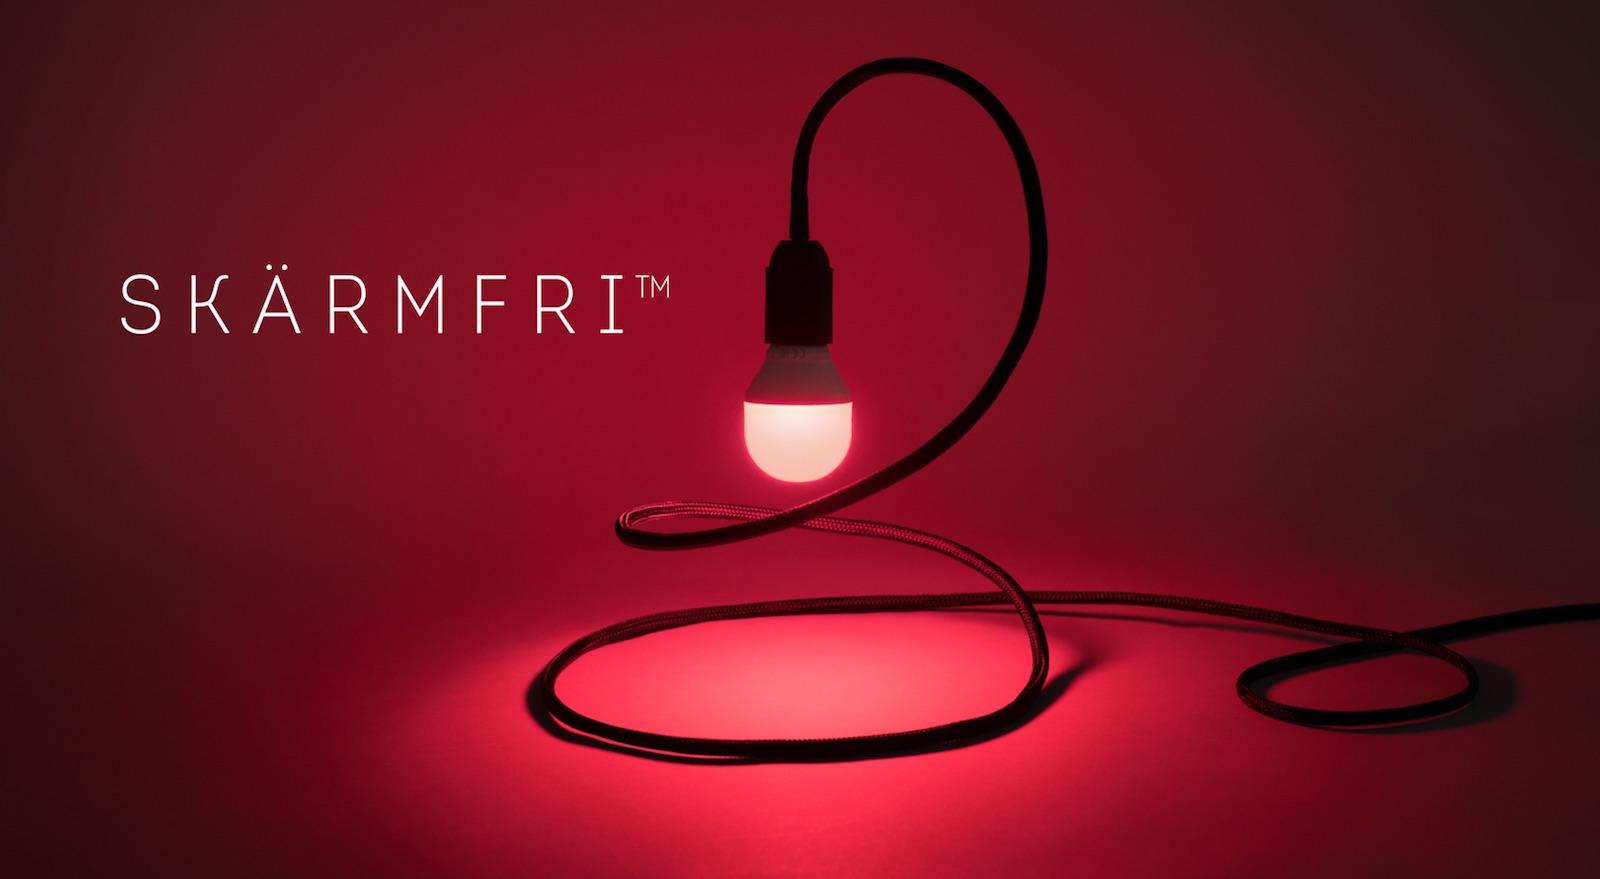 Lampa Skärmfri se rozsvítí v případě, když rodina tráví příliš času u obrazovek